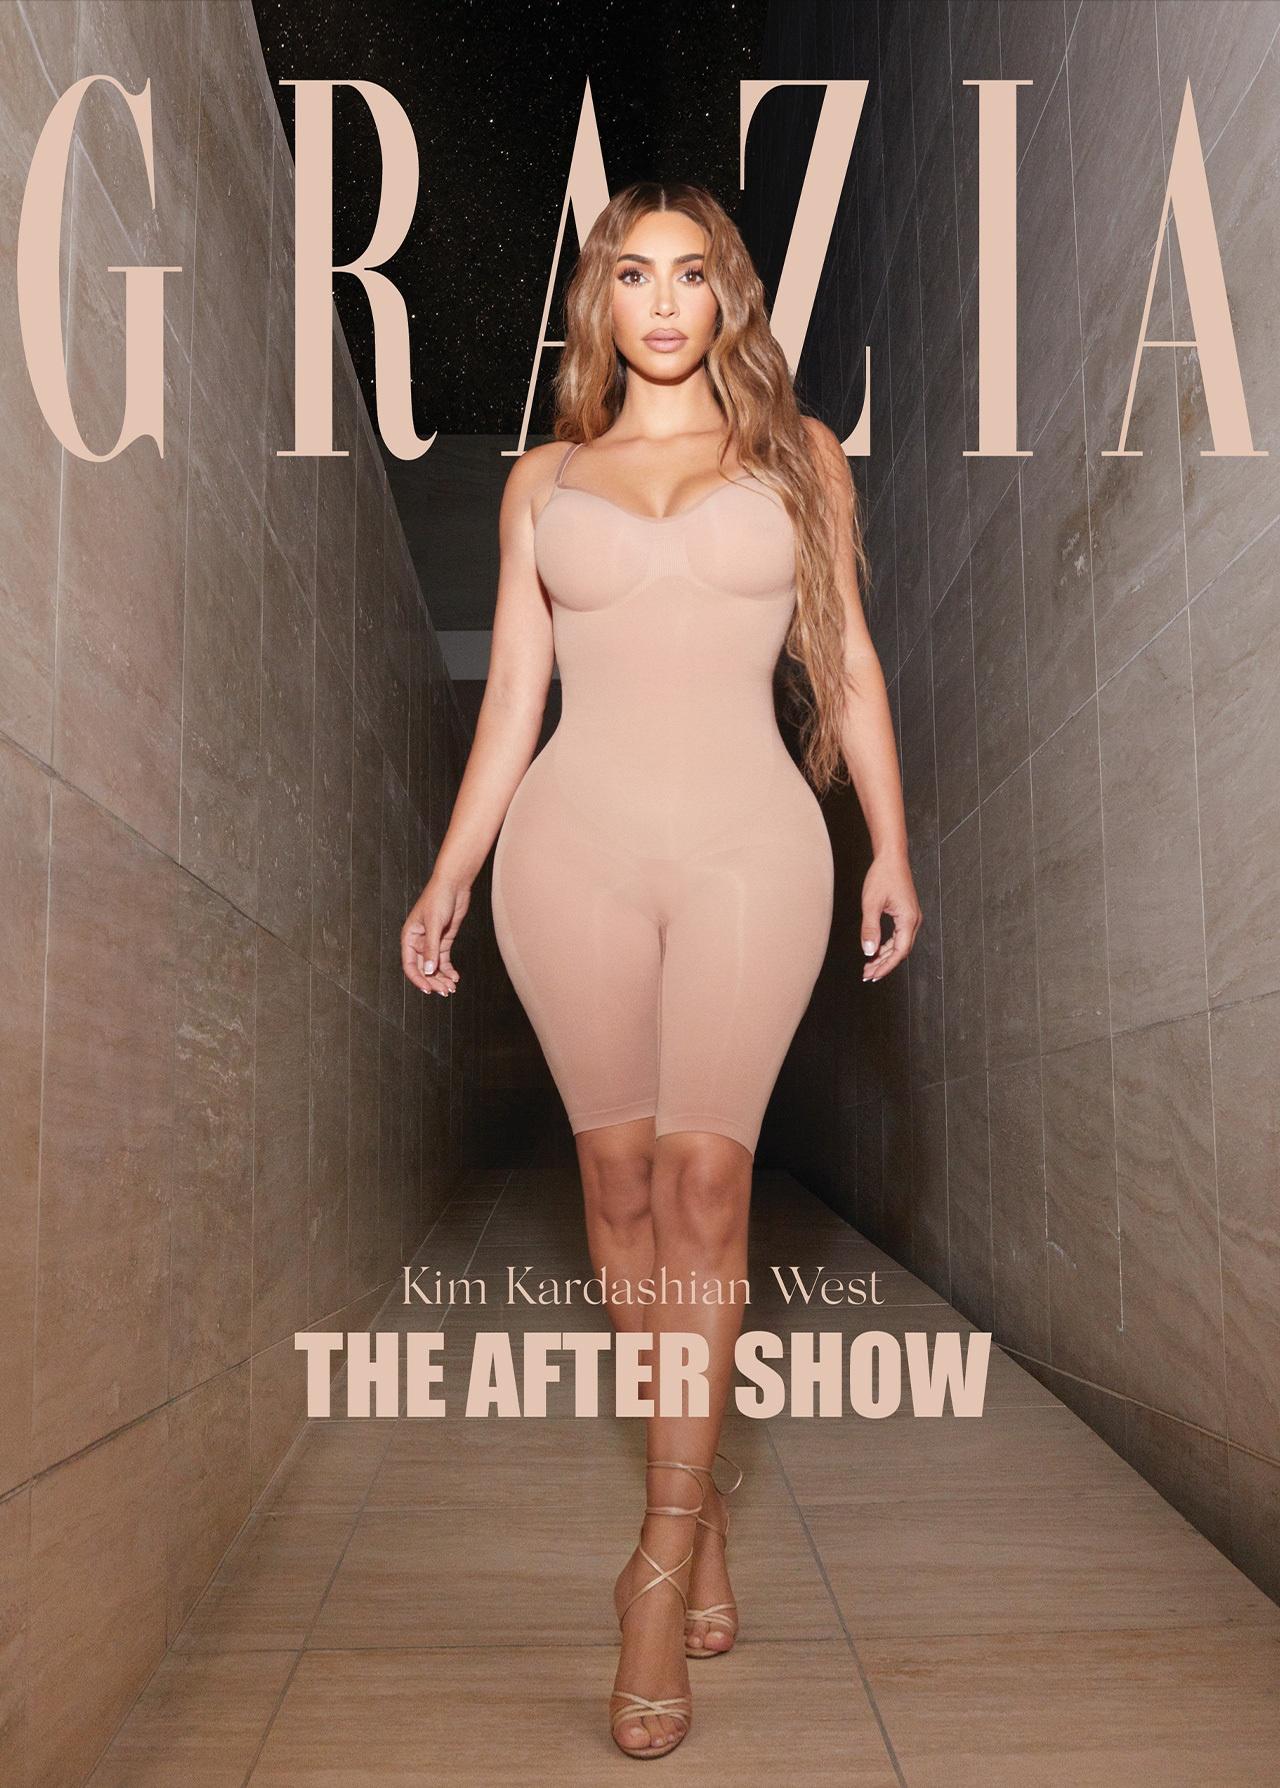 Kim Kardashian tuoi 40 anh 2